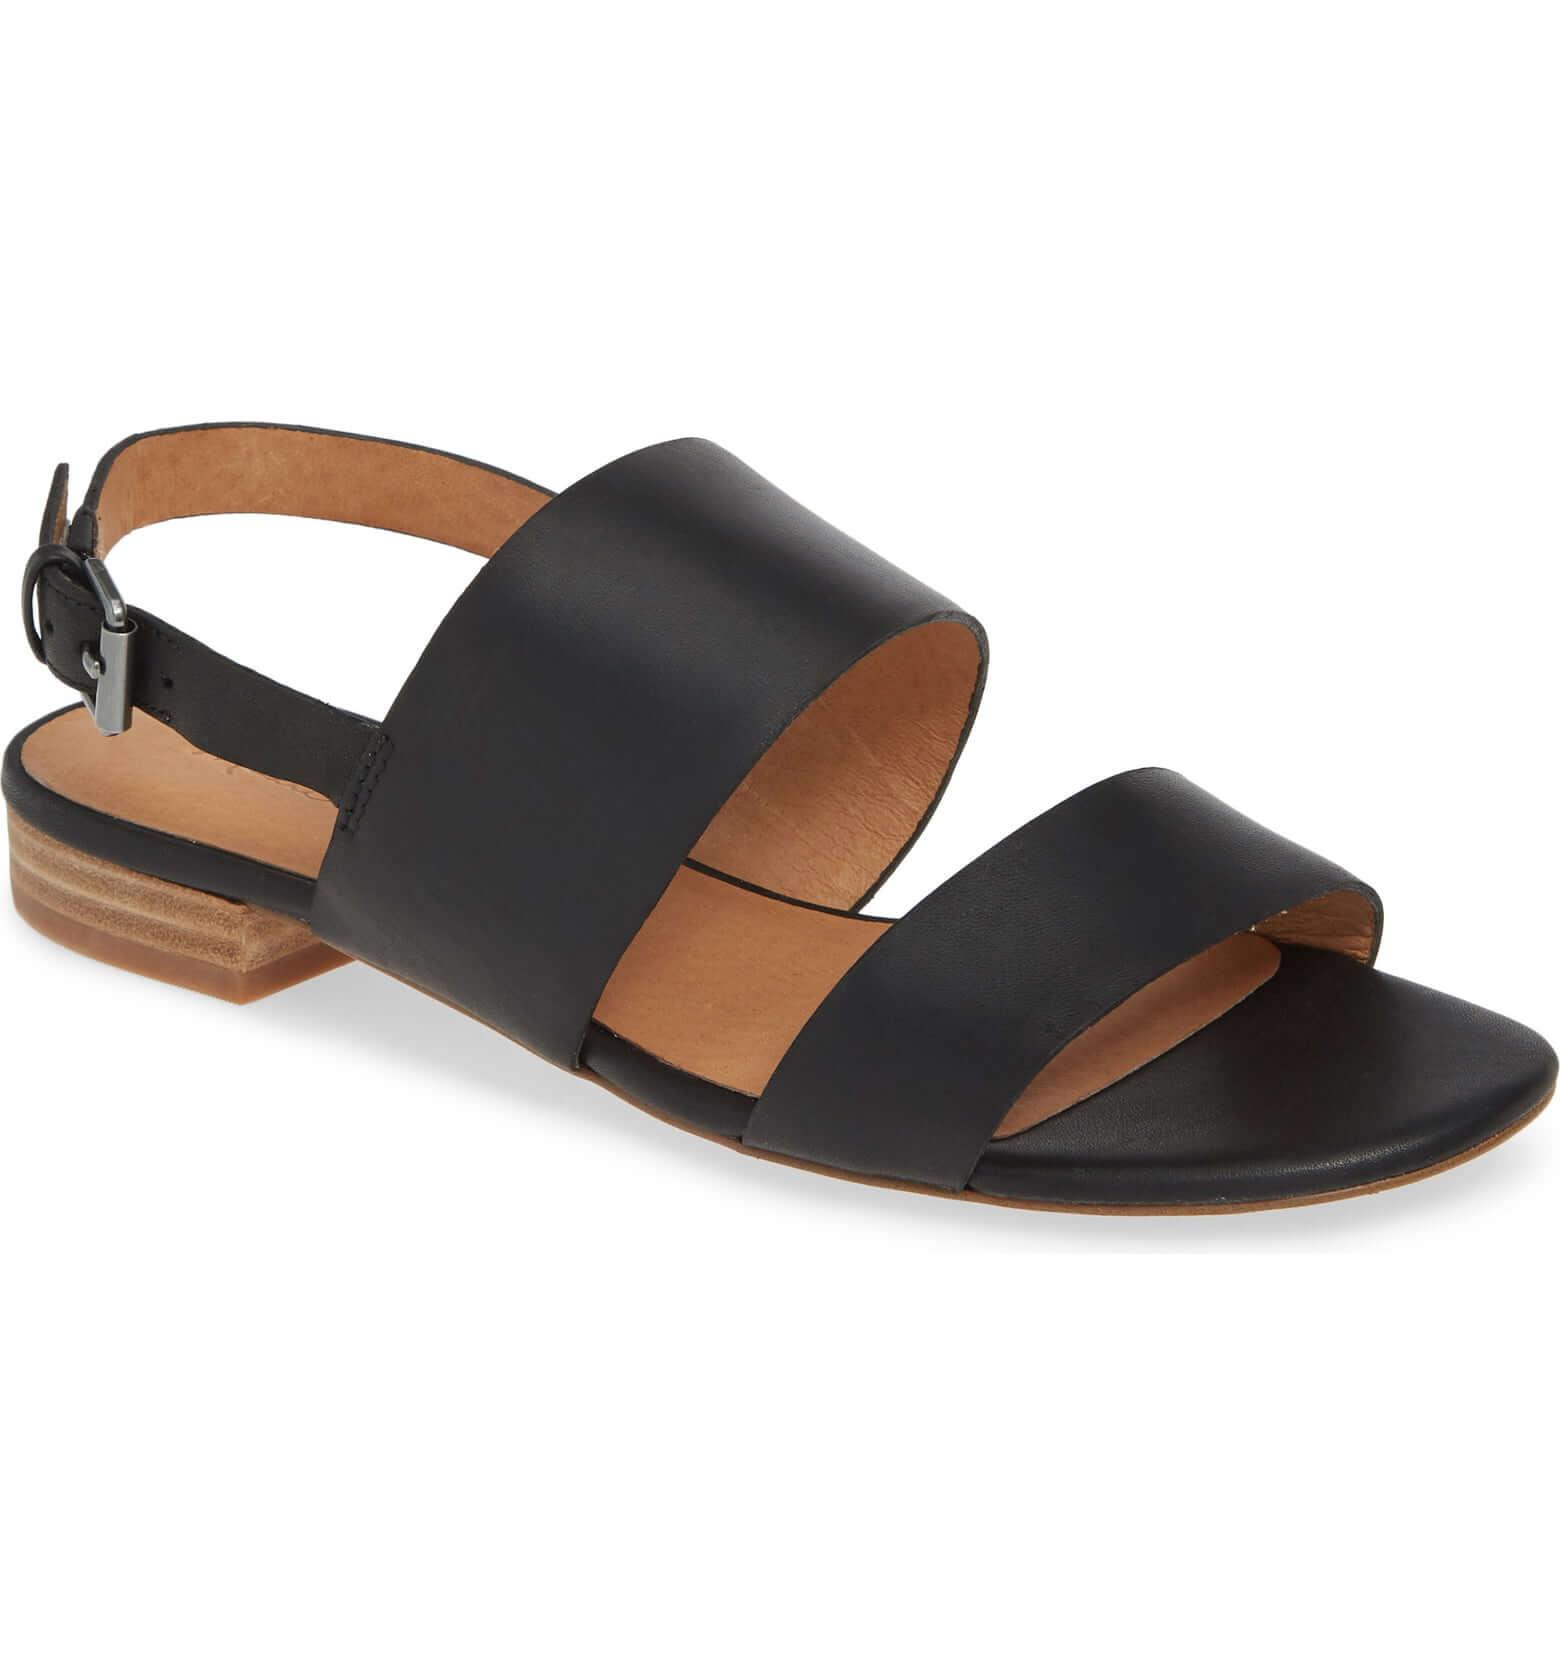 madewell-shoes-the-elena-slingback-sandal.jpeg